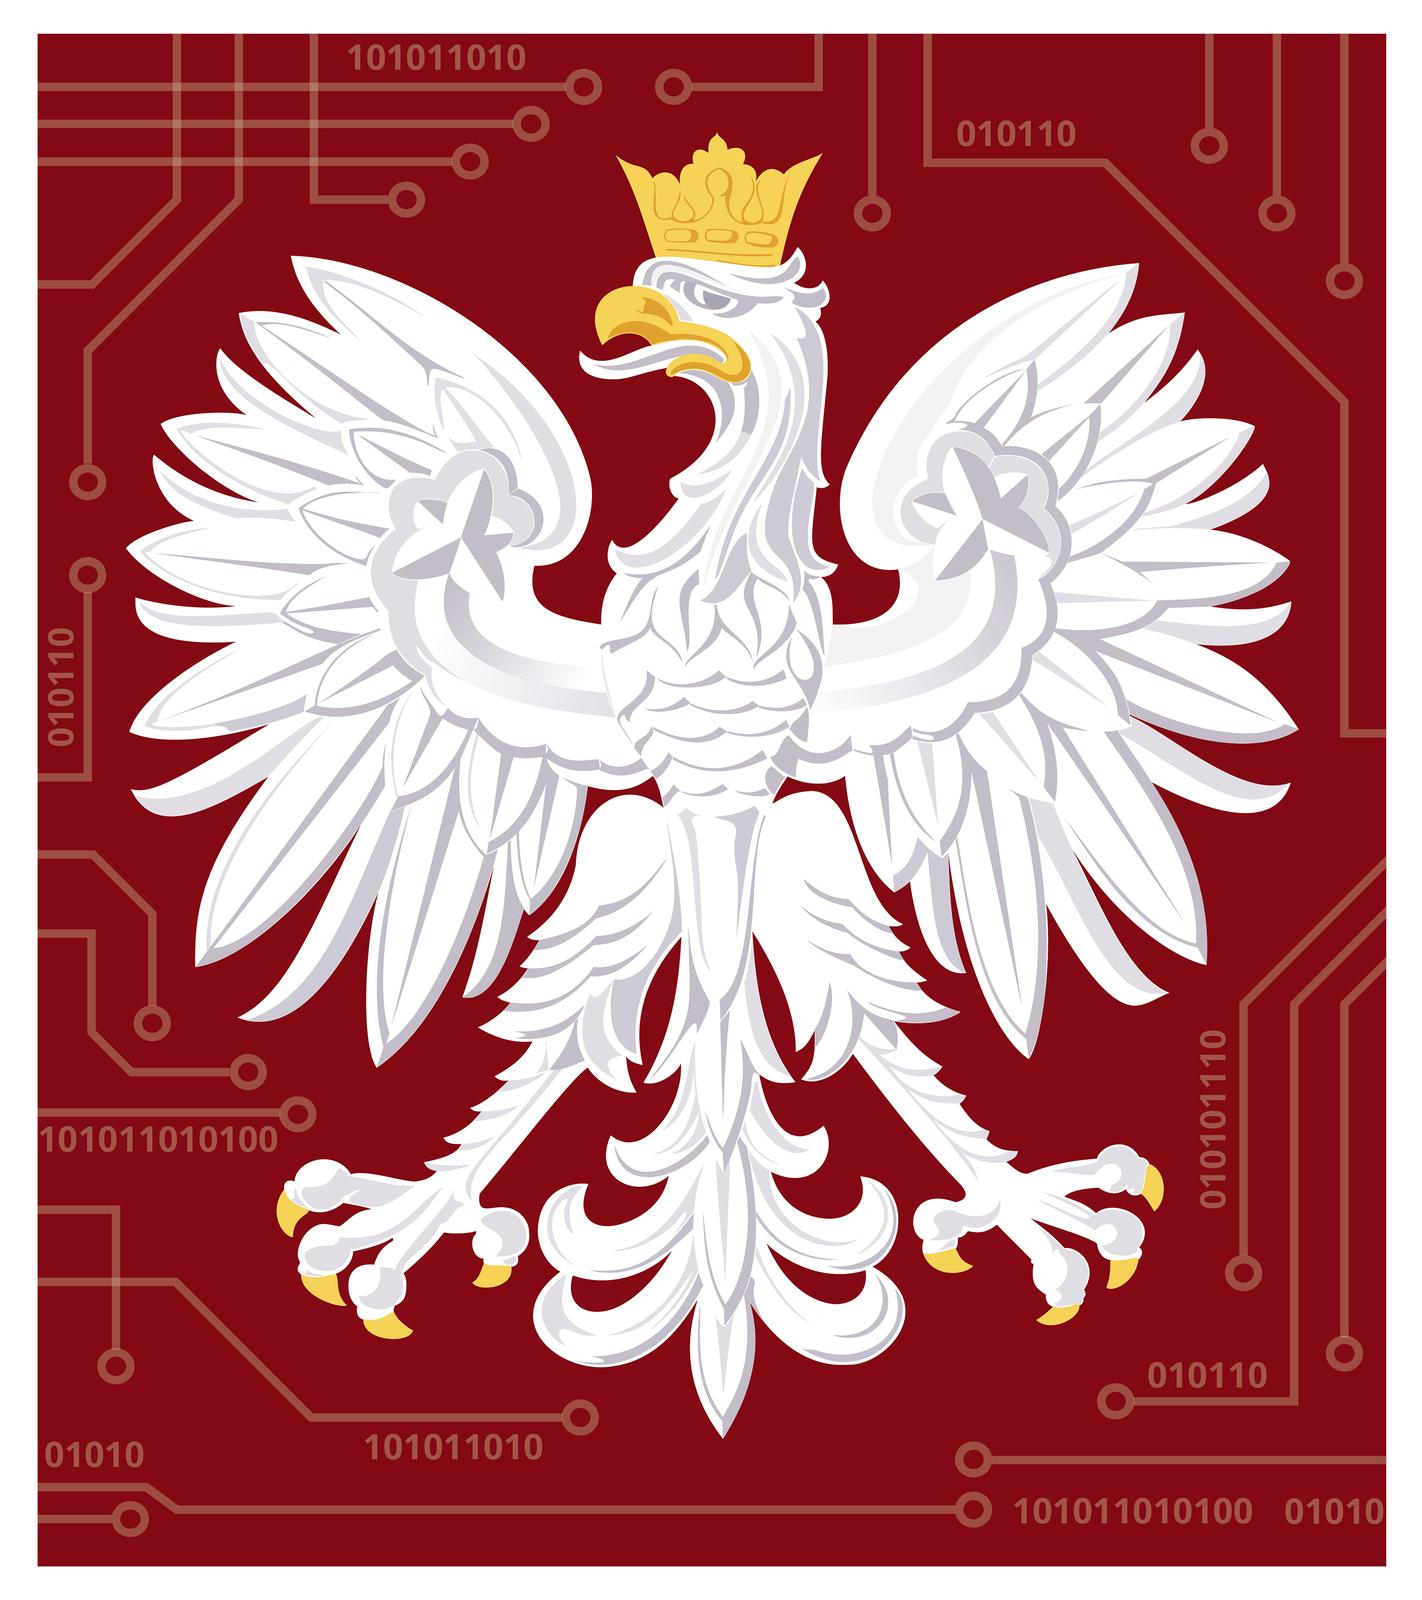 Ilustracja przedstawia Białego Orła ze złotą koroną na głowie. Głowa orła skierowana wprawo. Dziób złoty. Skrzydła rozpostarte. Orzeł na bordowym tle. Wokół liczby zero ijedynki ułożone wpoziomych rzędach.